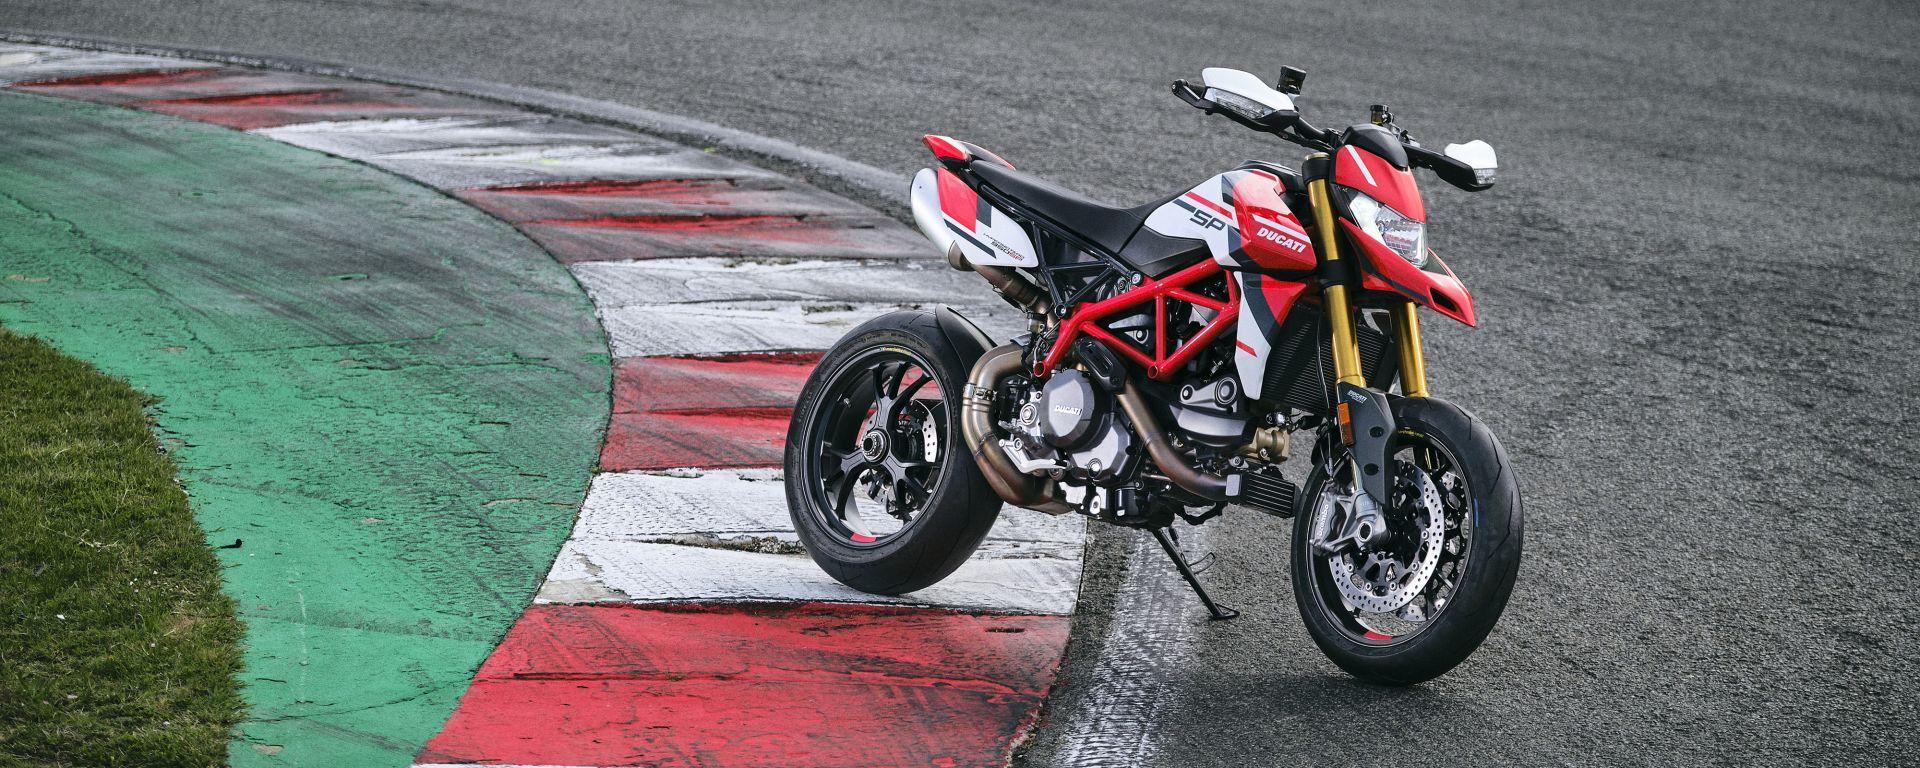 Ducati Hypermotard 950 SP: nuova colorazione